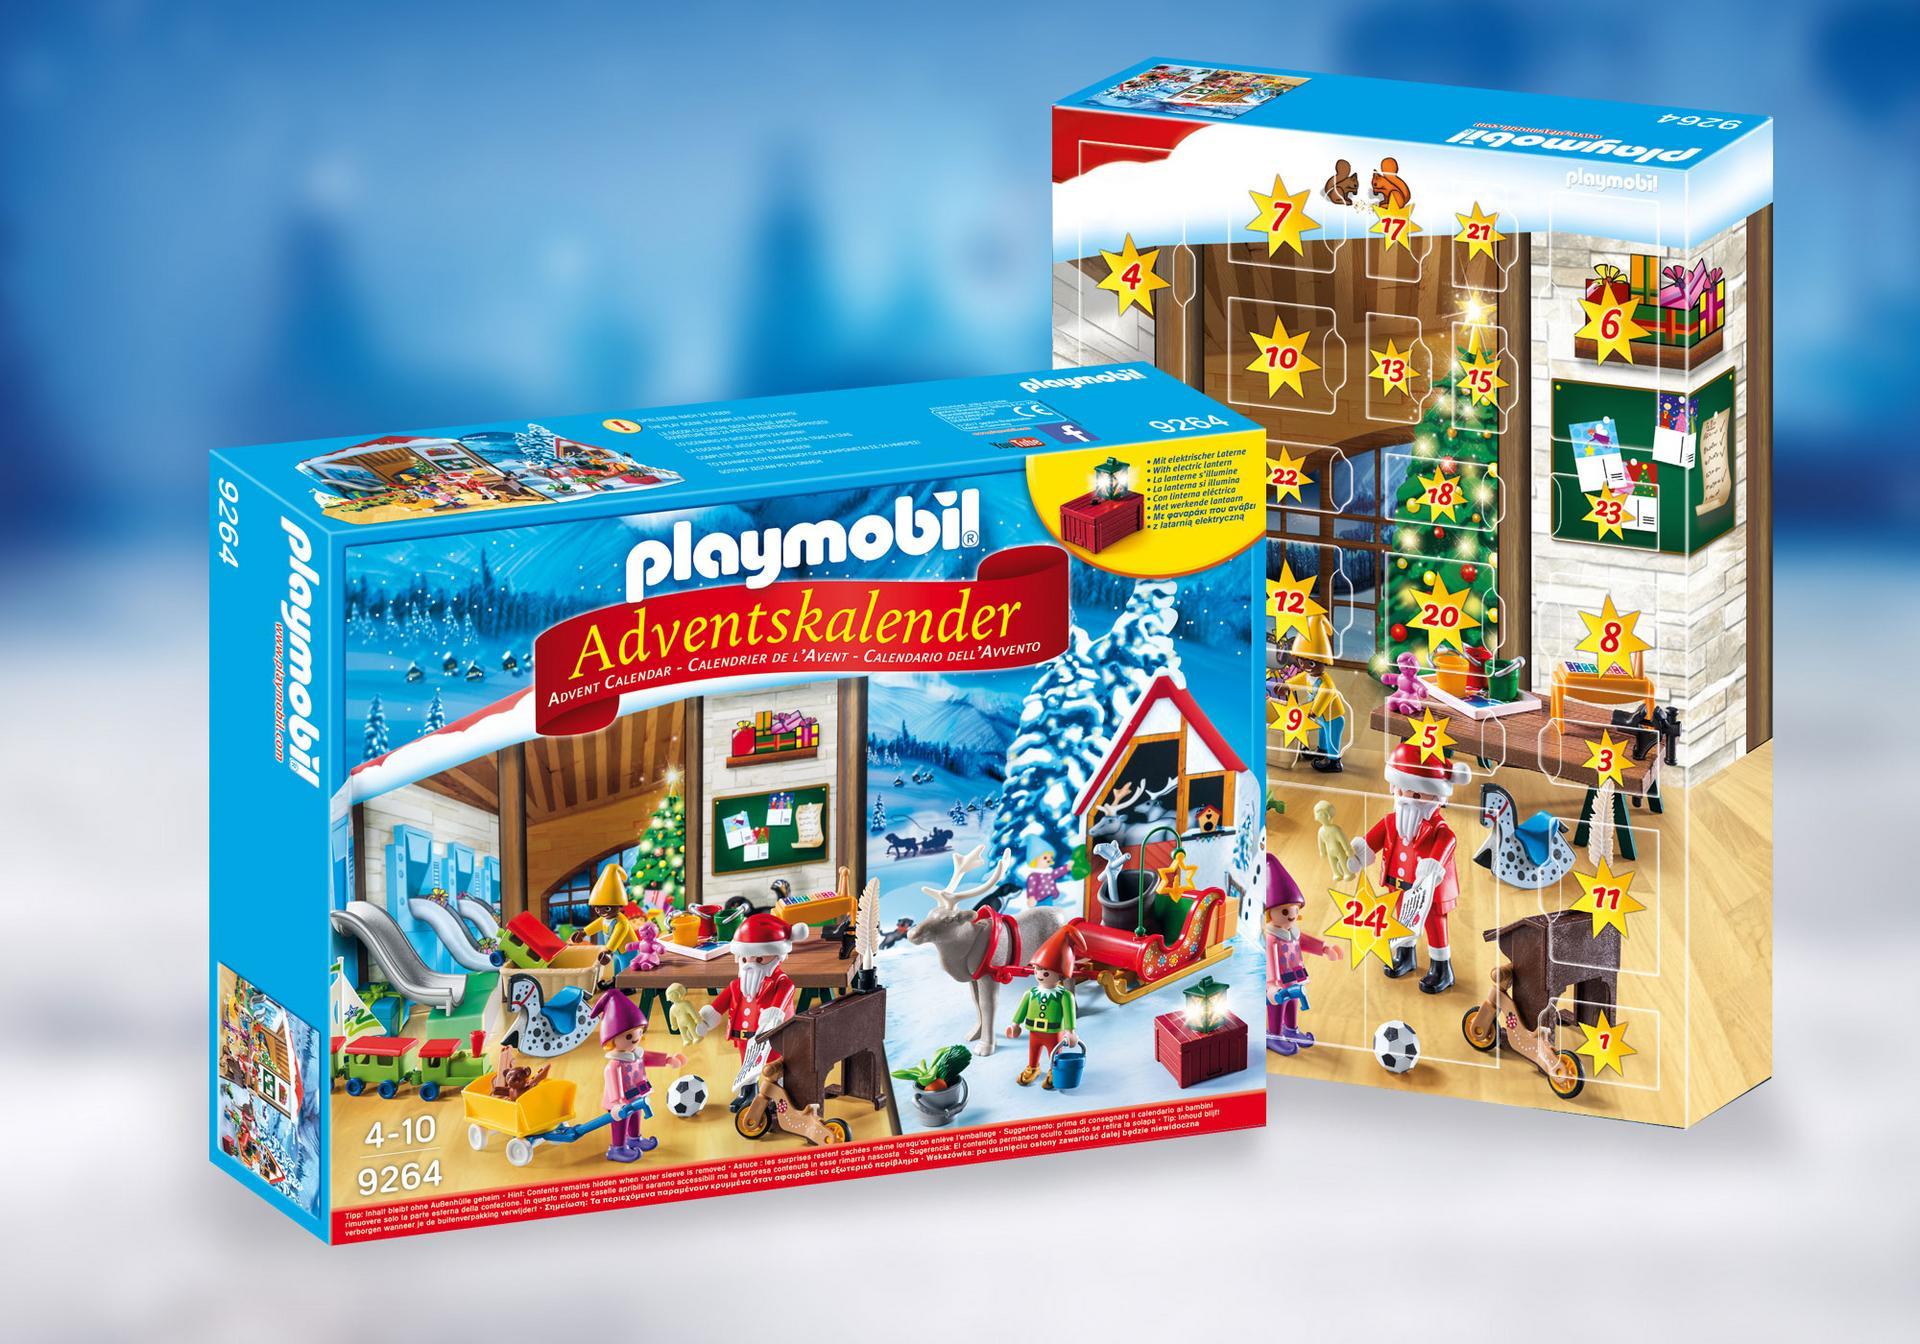 adventskalender kerstatelier met elfen 9264 playmobil nederland. Black Bedroom Furniture Sets. Home Design Ideas